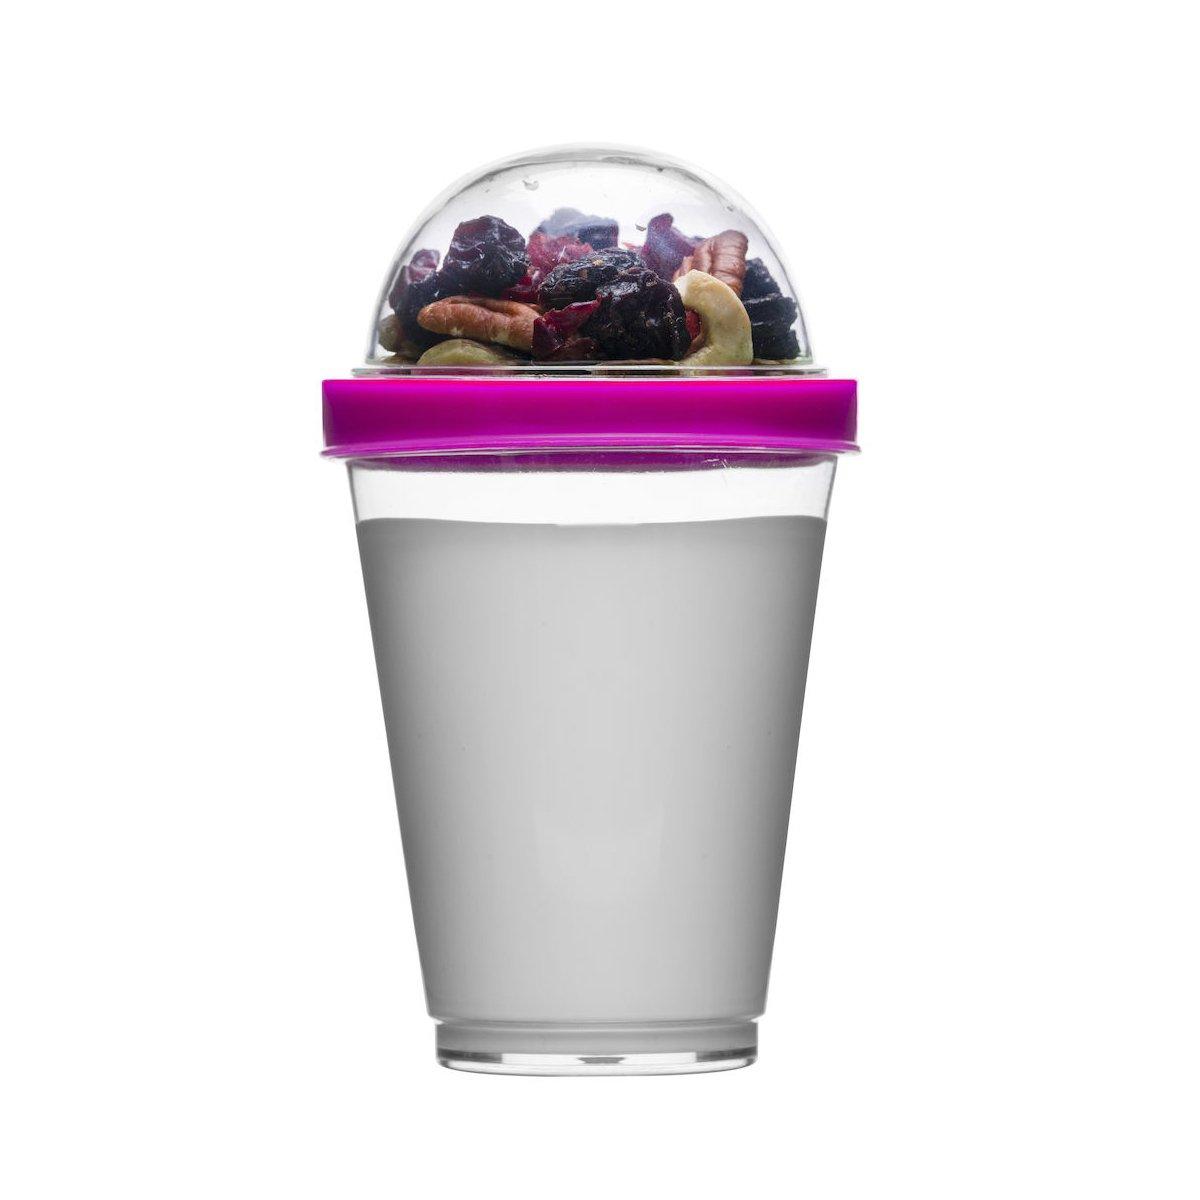 Sagaform Polysthyrene Plastic Yoghurt Cup with Storage, Pink by Sagaform   B00P2V84YG